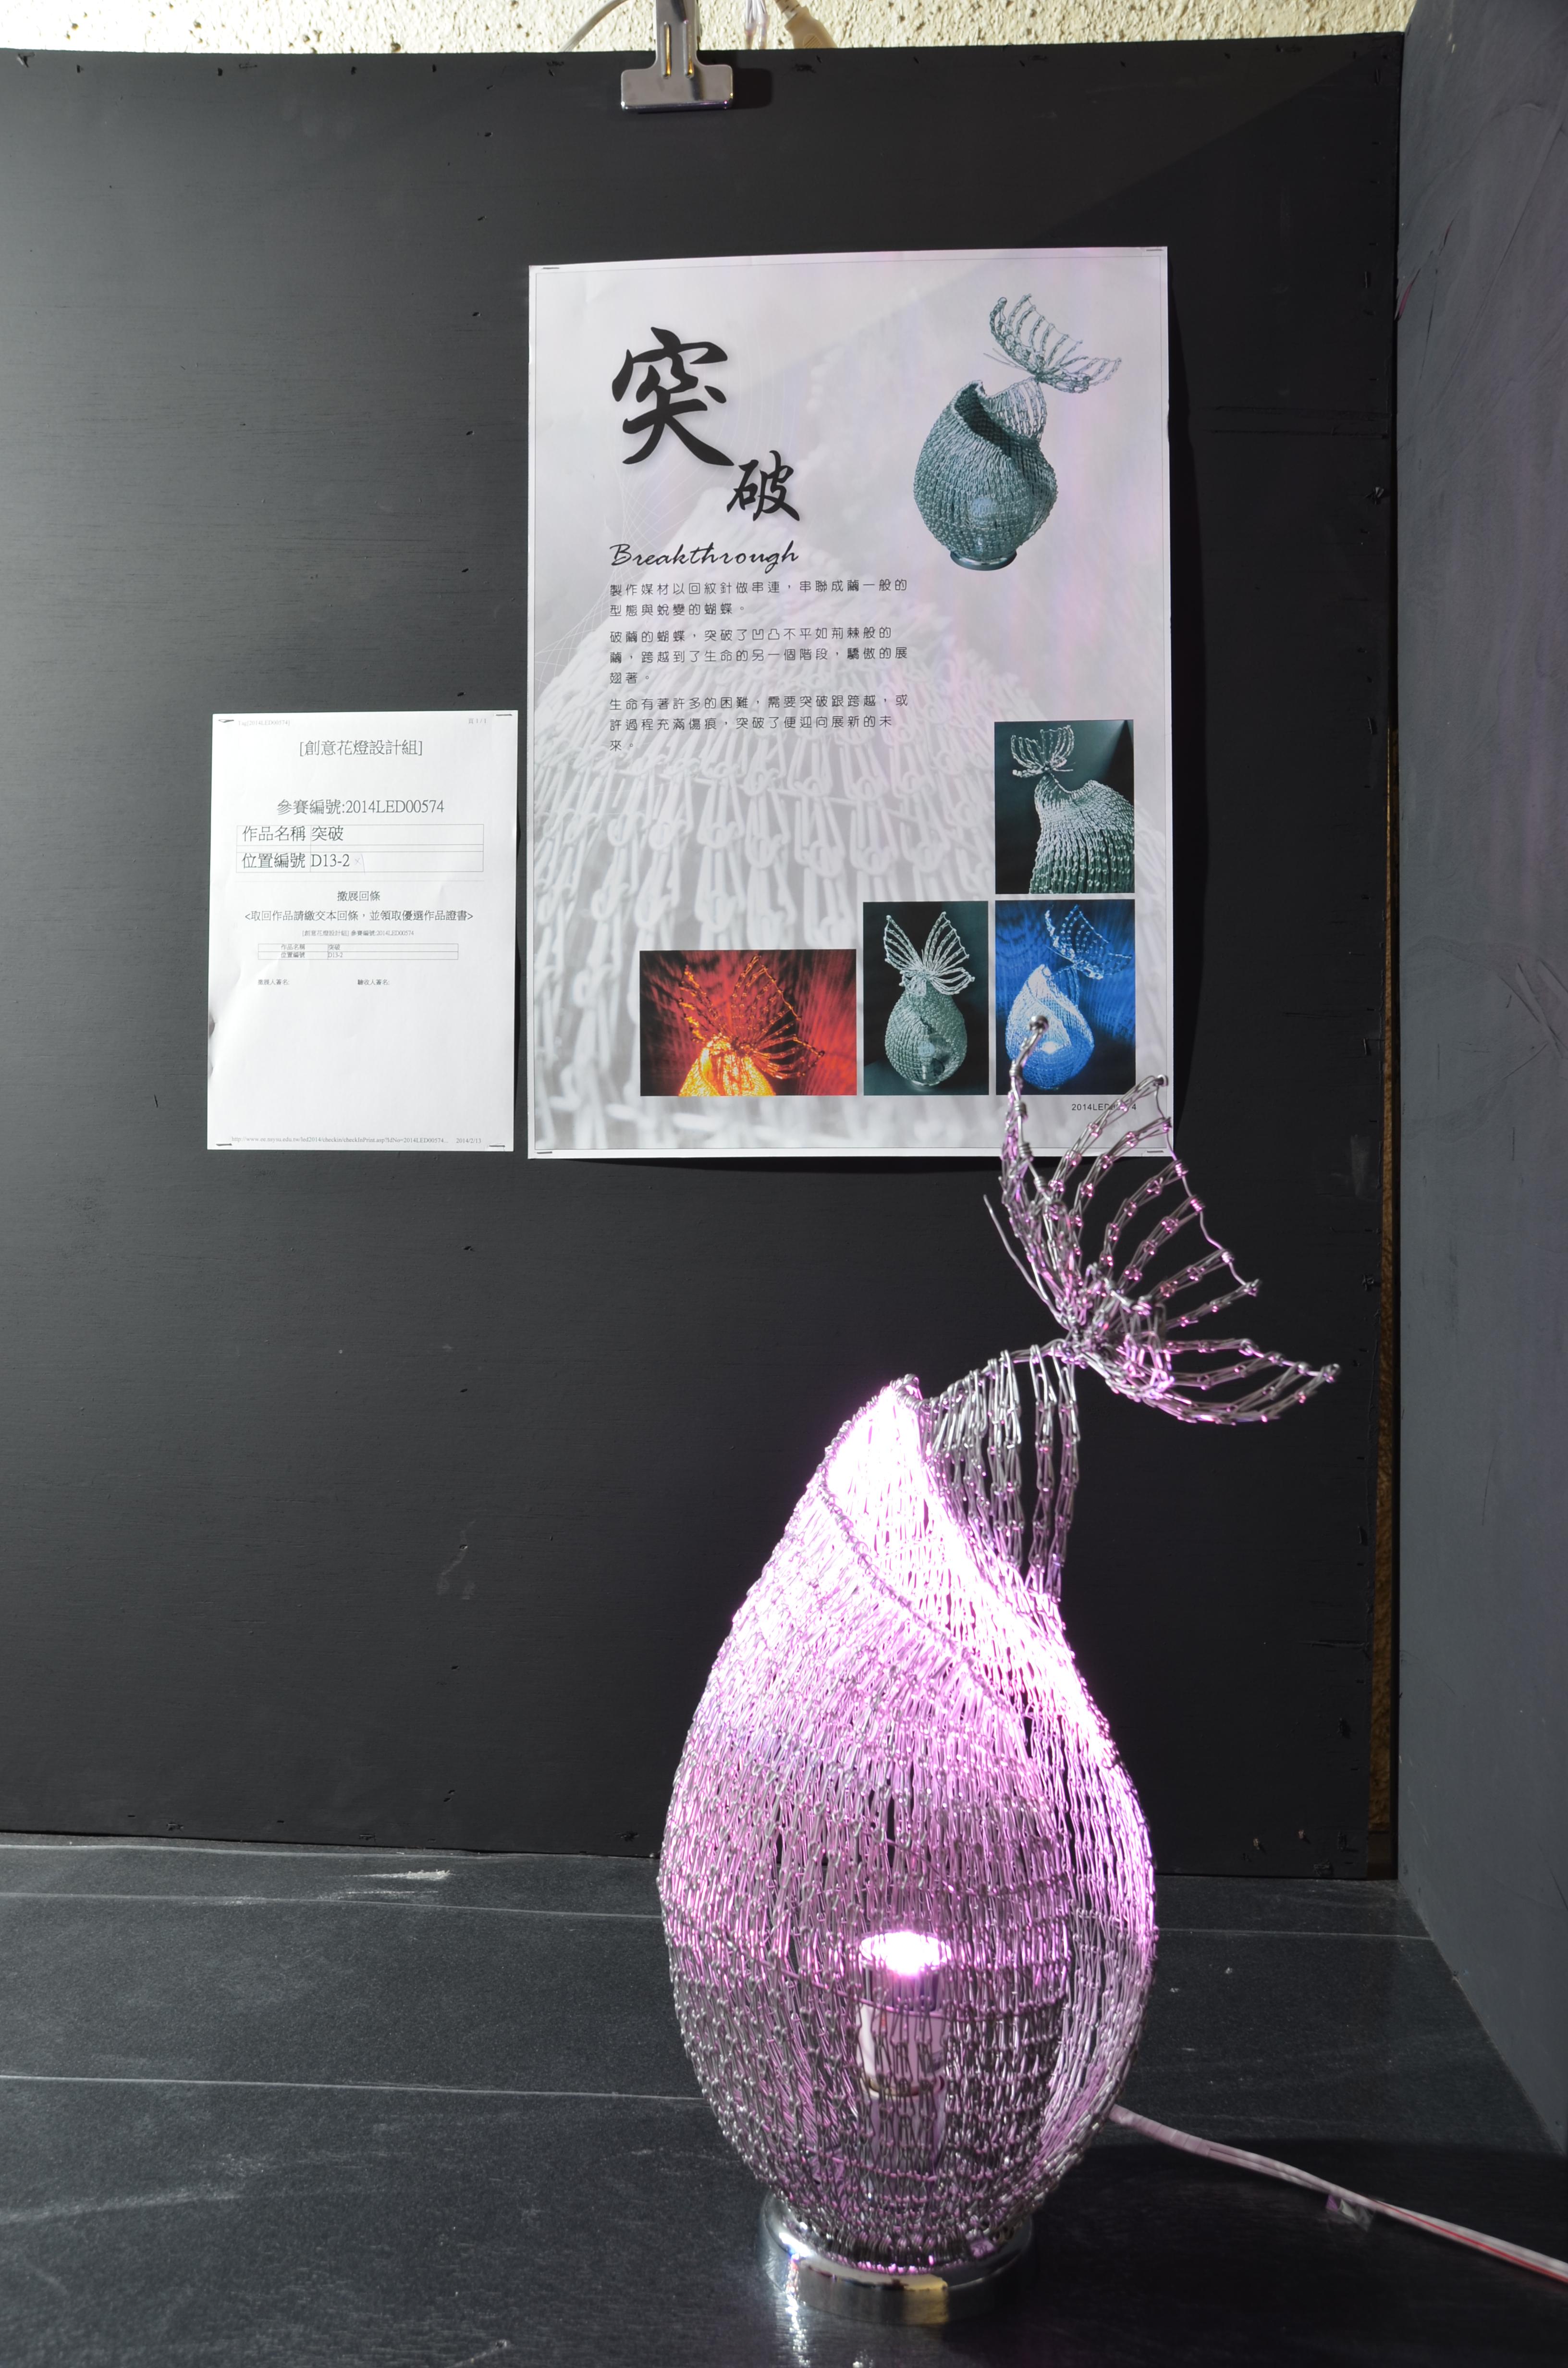 创意花灯设计组  第三名  蓝色的开始  陈瑞堂    南台科技大学光电